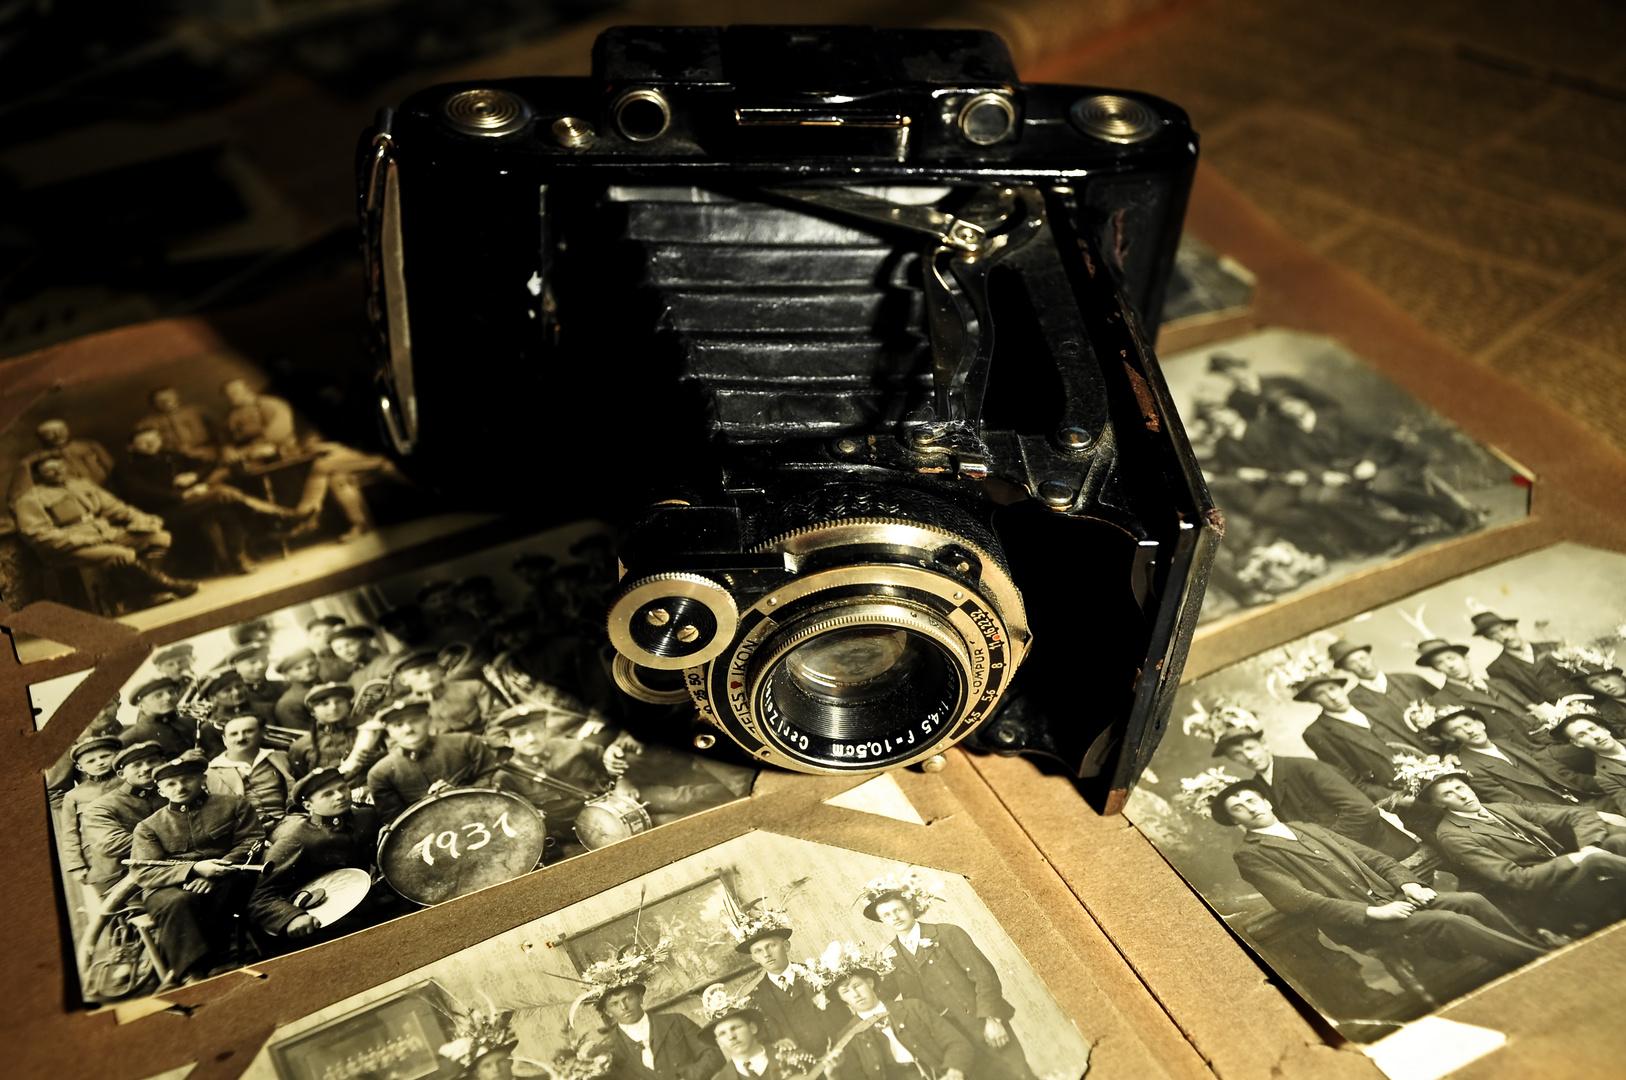 Balgen Kamera